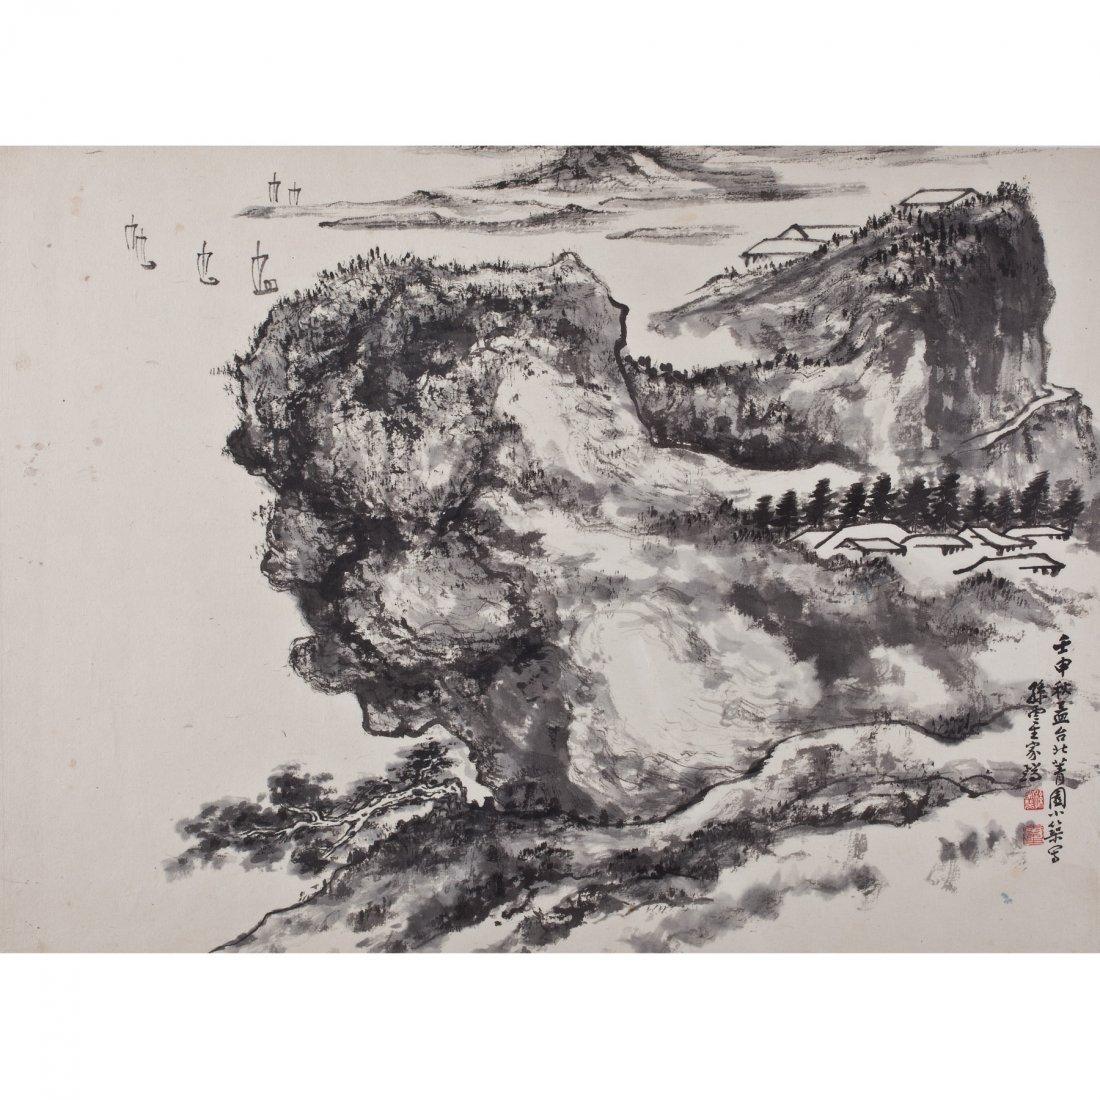 MOUNTAINS BY SUN YUNSHENG